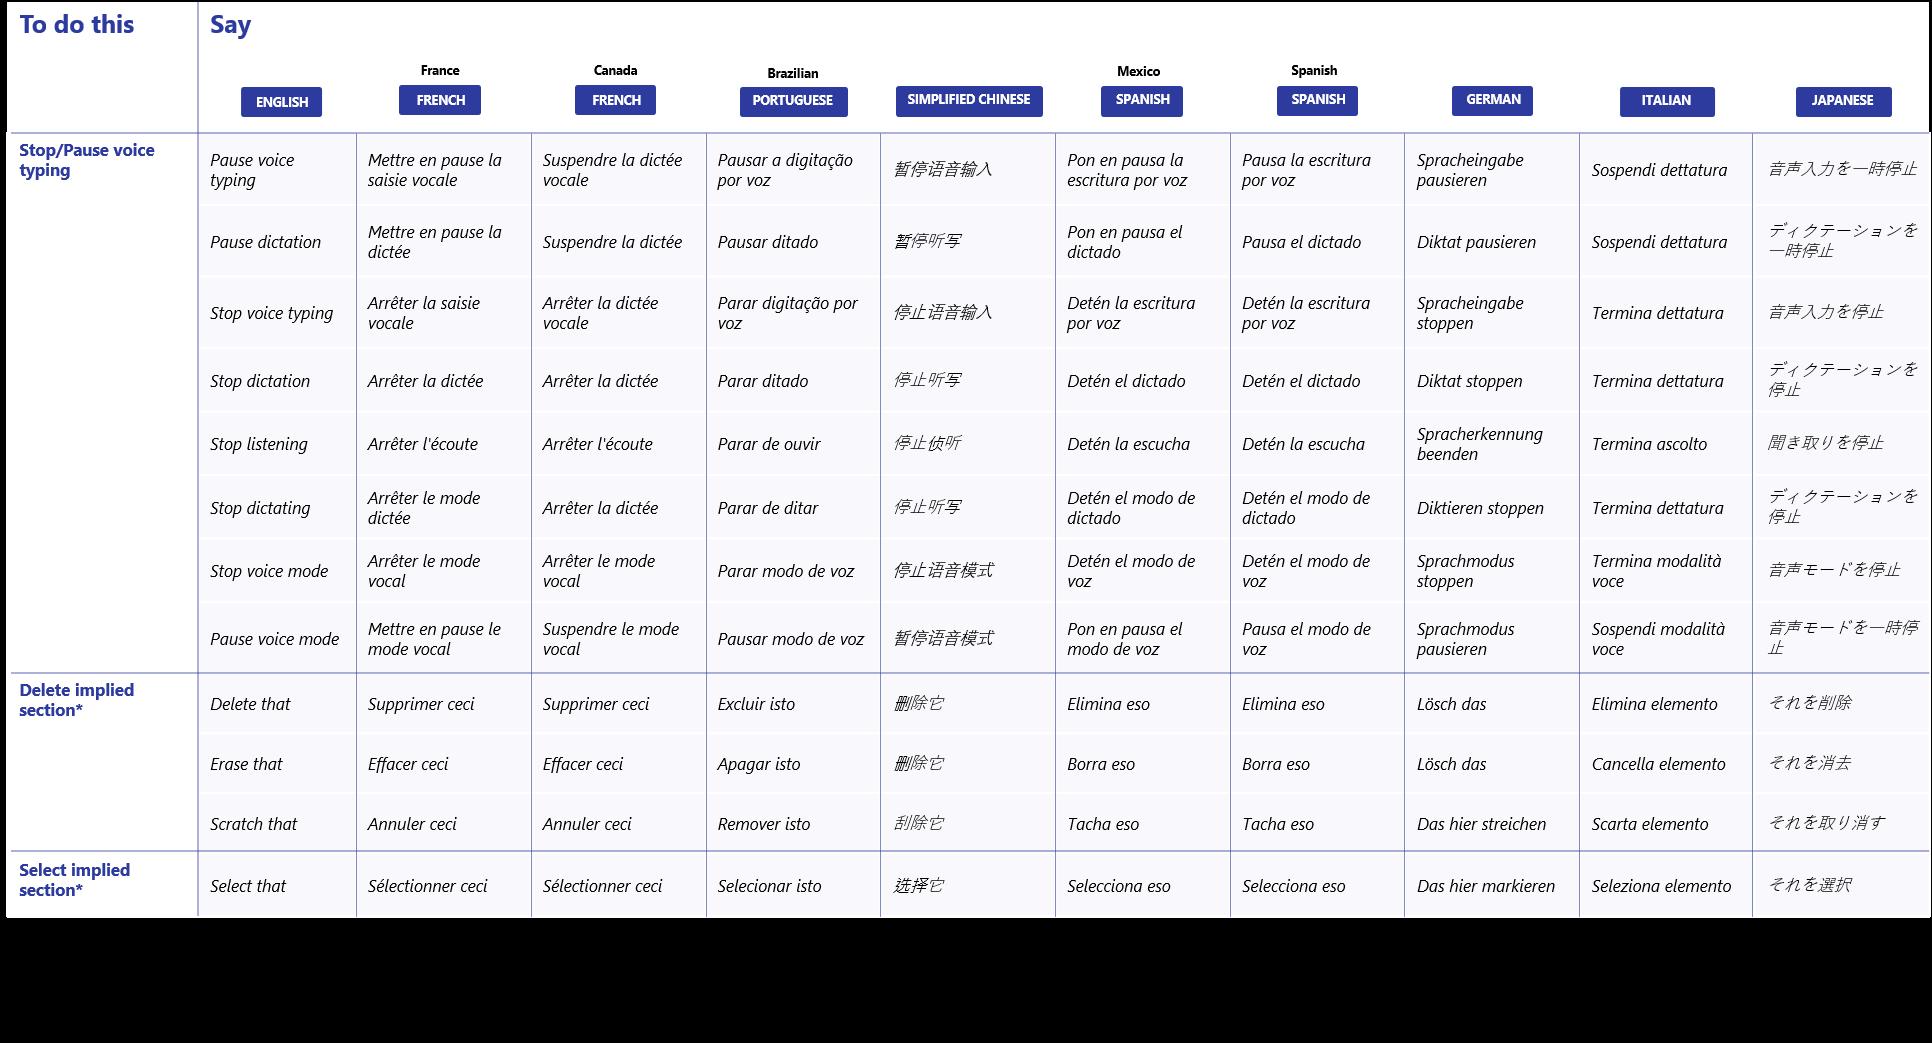 Comandos de voz de Voice Typing en la Build 20206 de WIndows 10 Insider en el Canal Dev